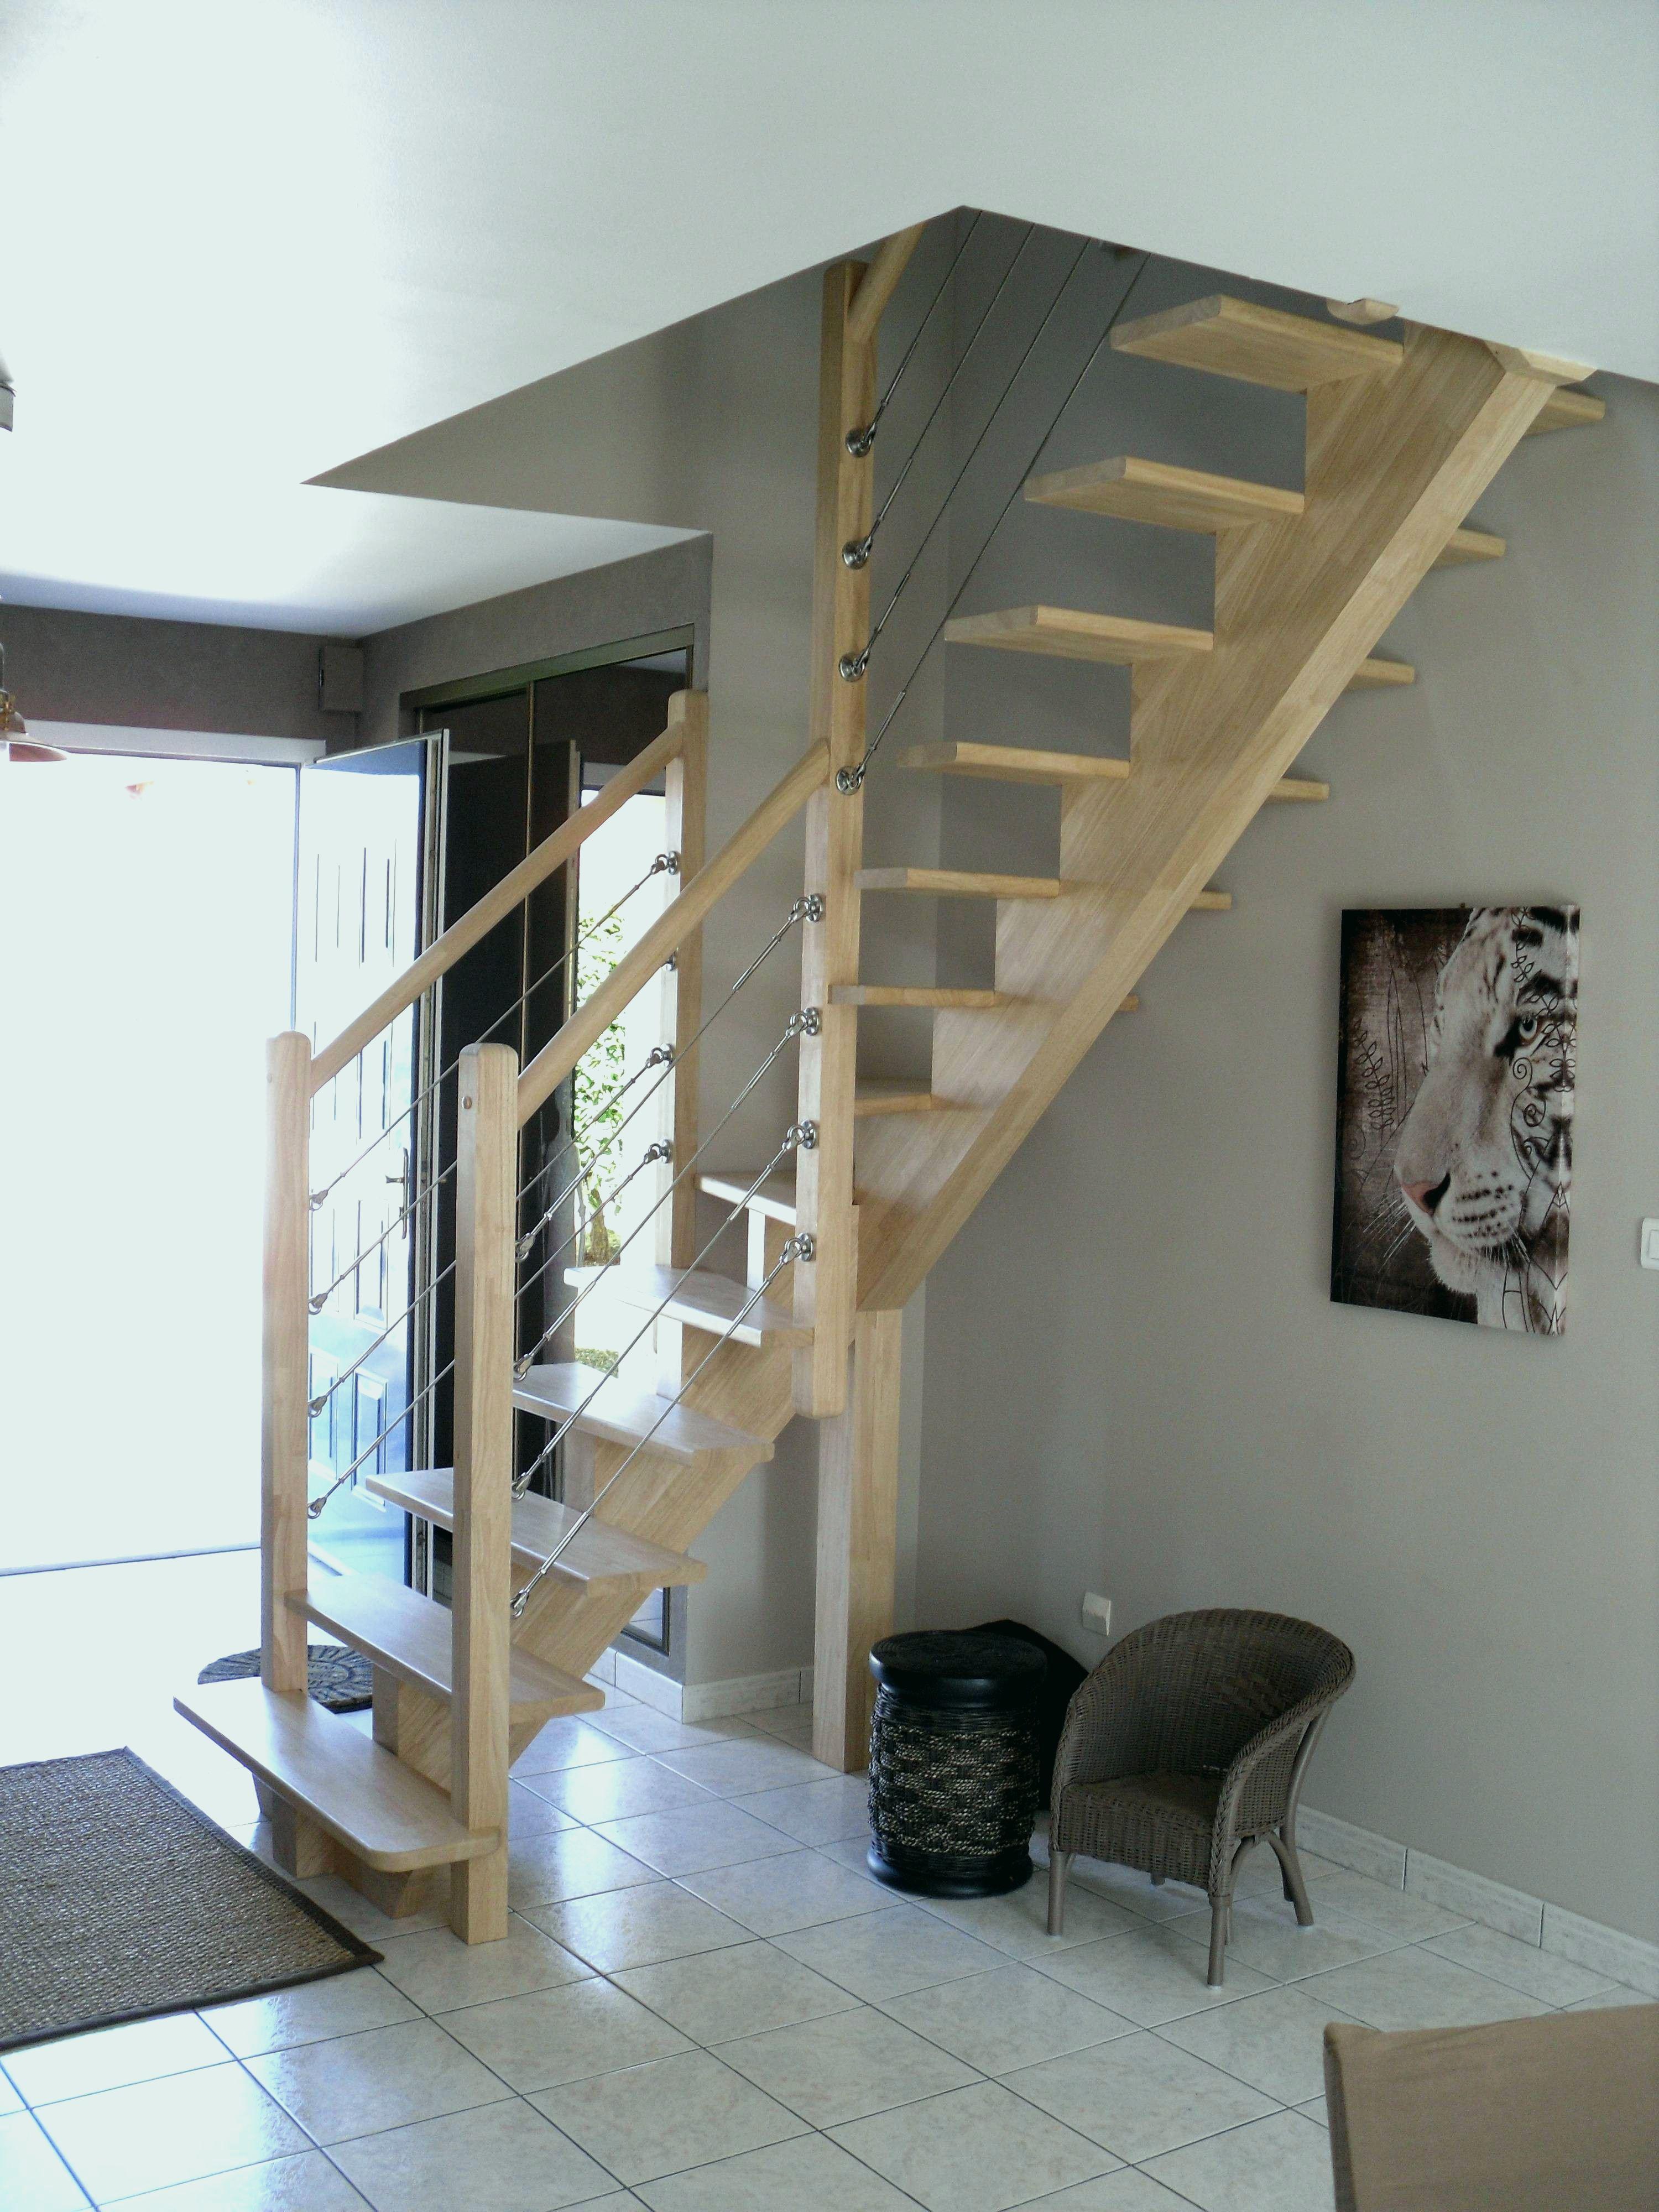 Maison Interieur Luxe Meilleur De Galerie Garde Corps Exterieur Luxe Idee Escalier Escalier Interieur 0d Des